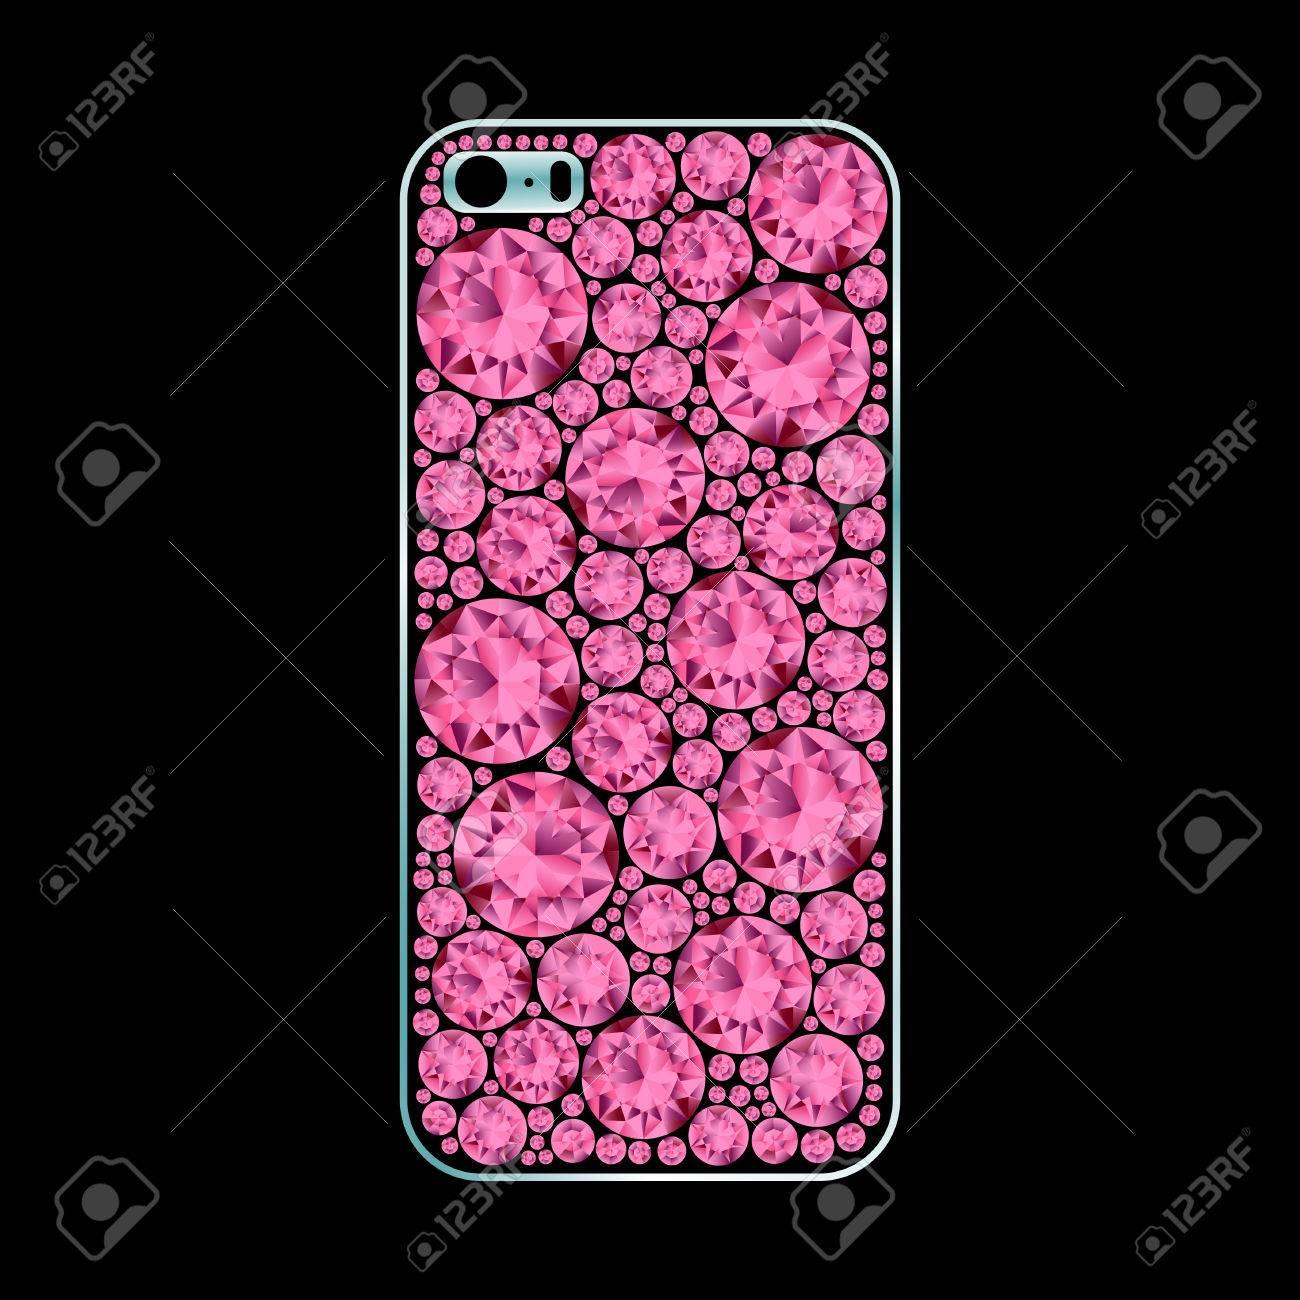 Vettoriale Diamante Coperto Cassa Del Telefono Rosa Su Sfondo Nero